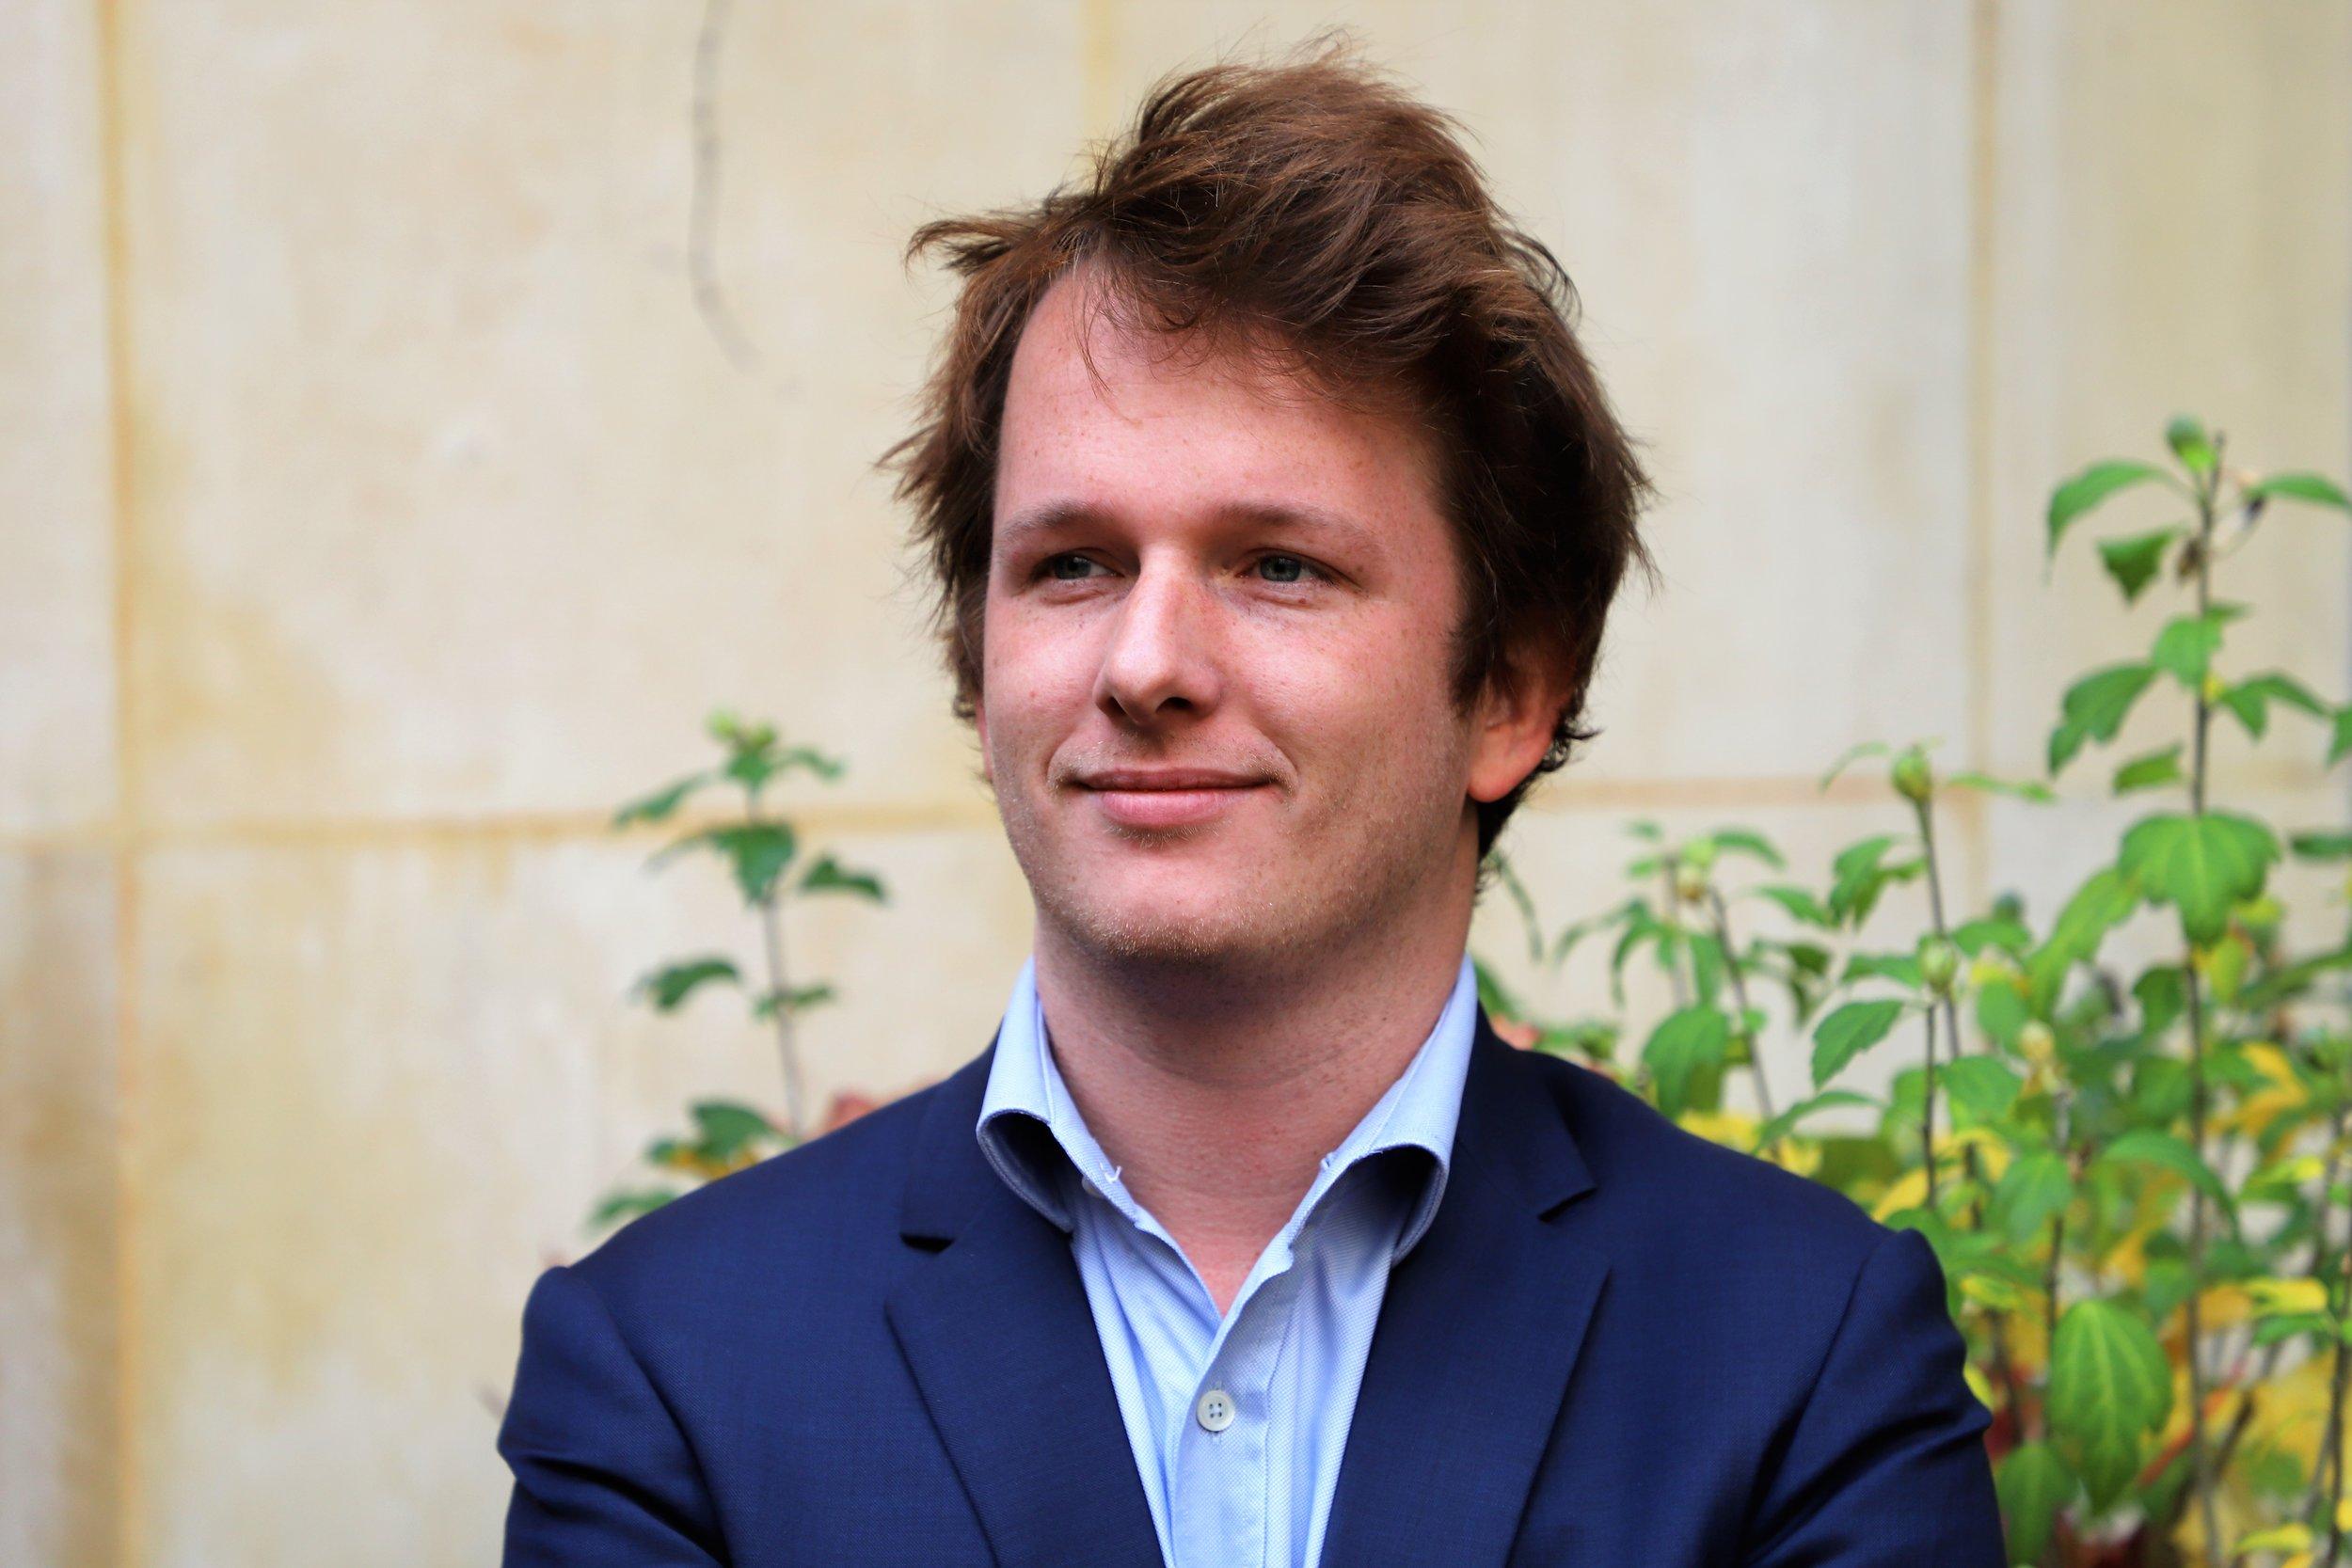 Nicolas de Chalonge, Responsable du Développement de l'agence de communication Mots-Clés.